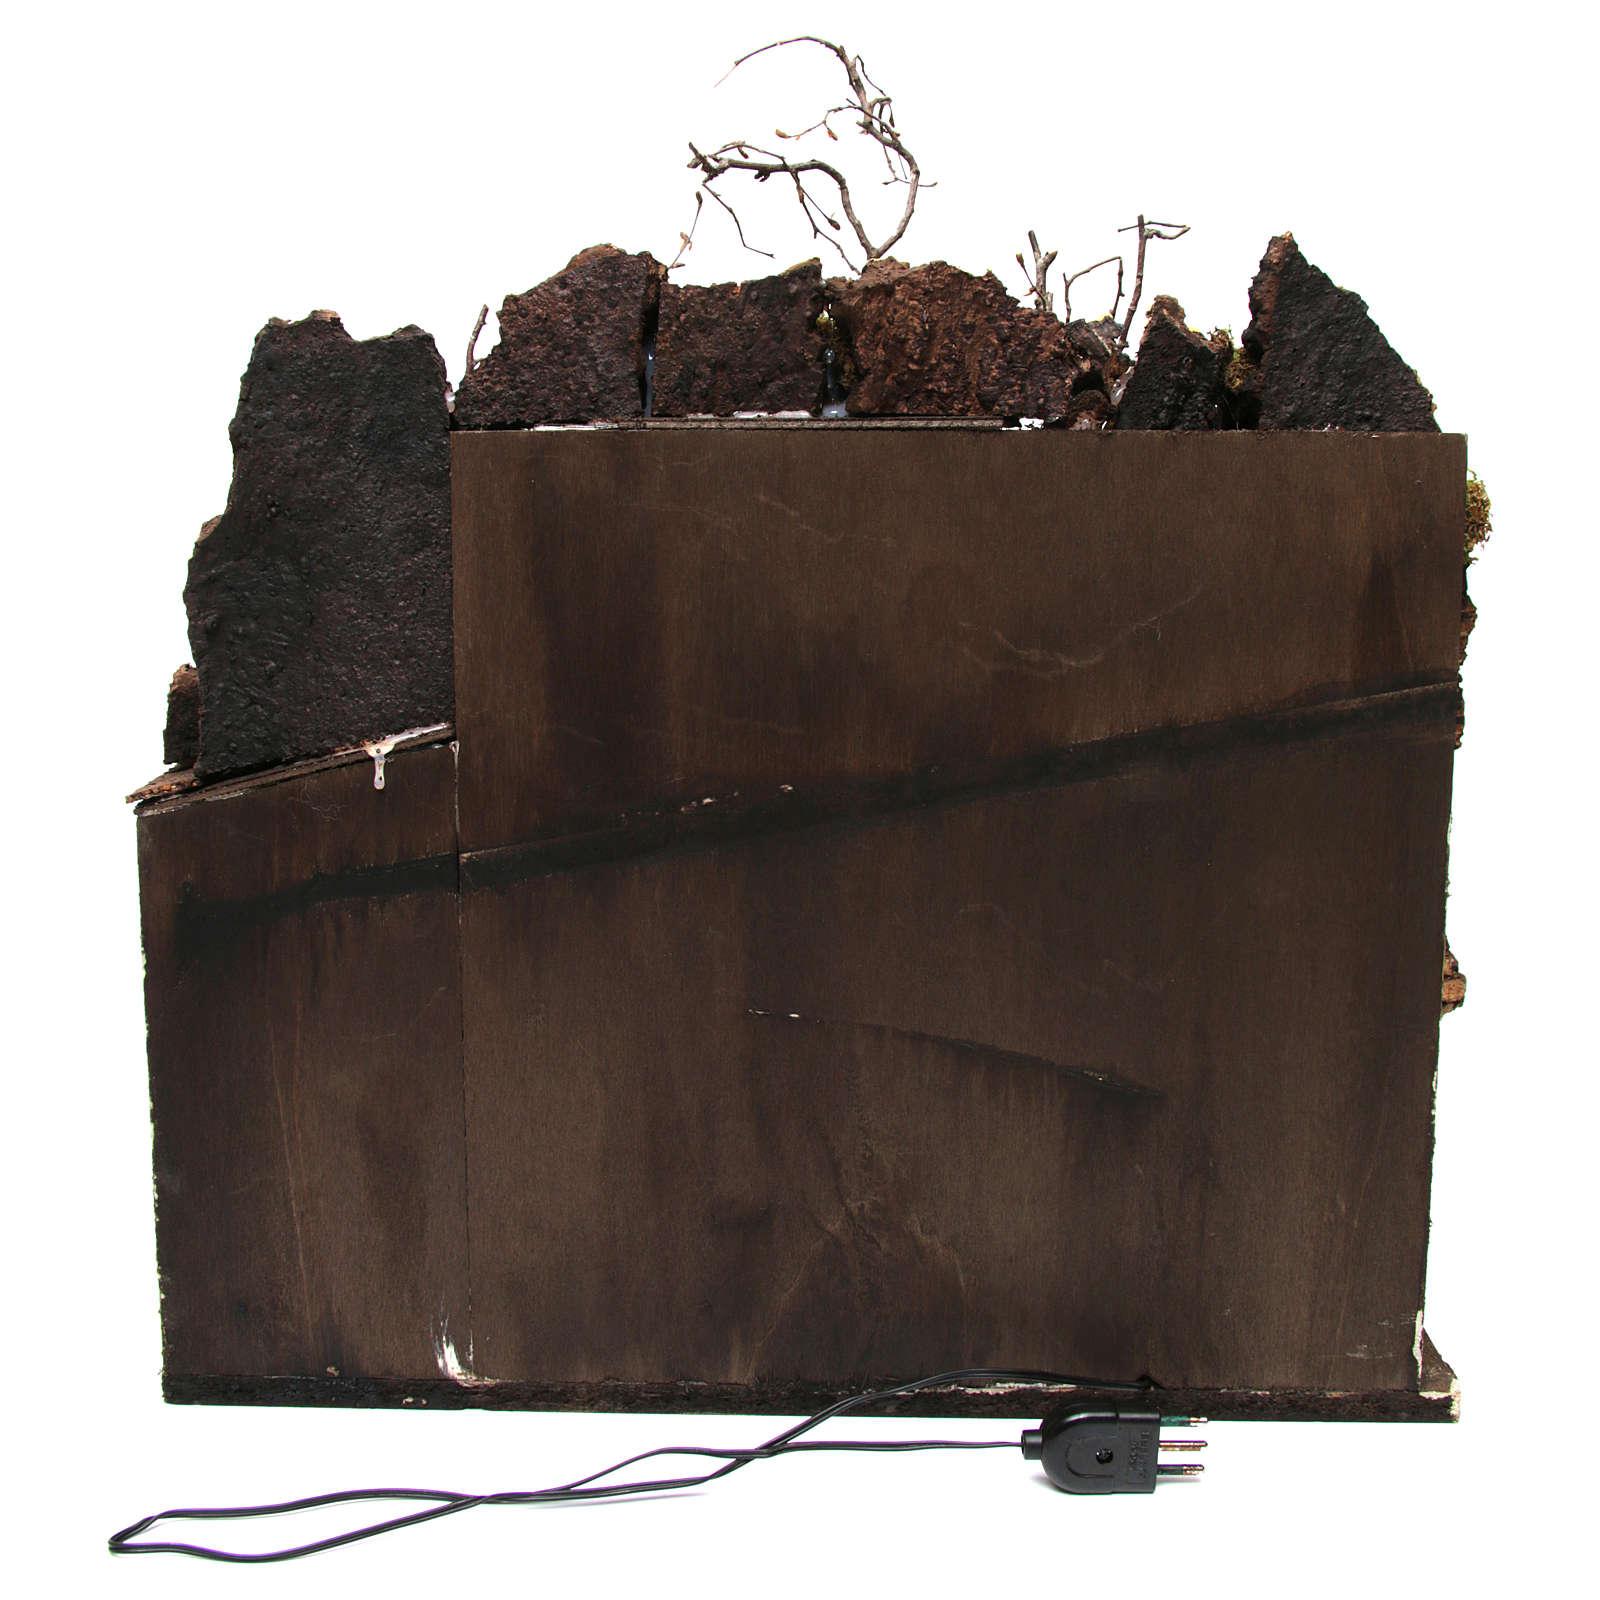 Aldea con luz para belén napolitano de 6-8 cm de altura media 45x50x40 cm 4